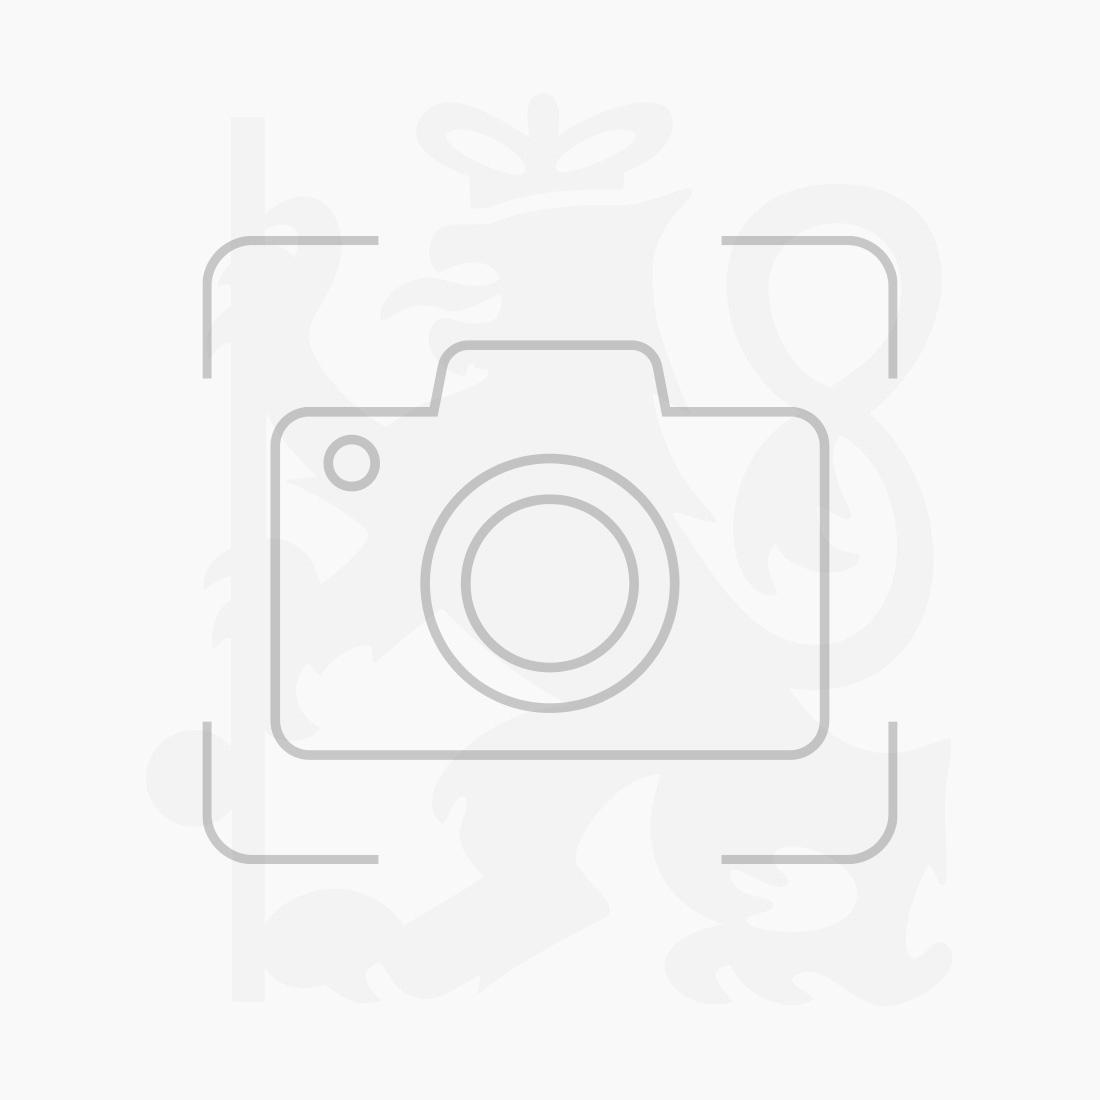 ANNEAU DE POINTE MER RENFORCÉ SFS X5